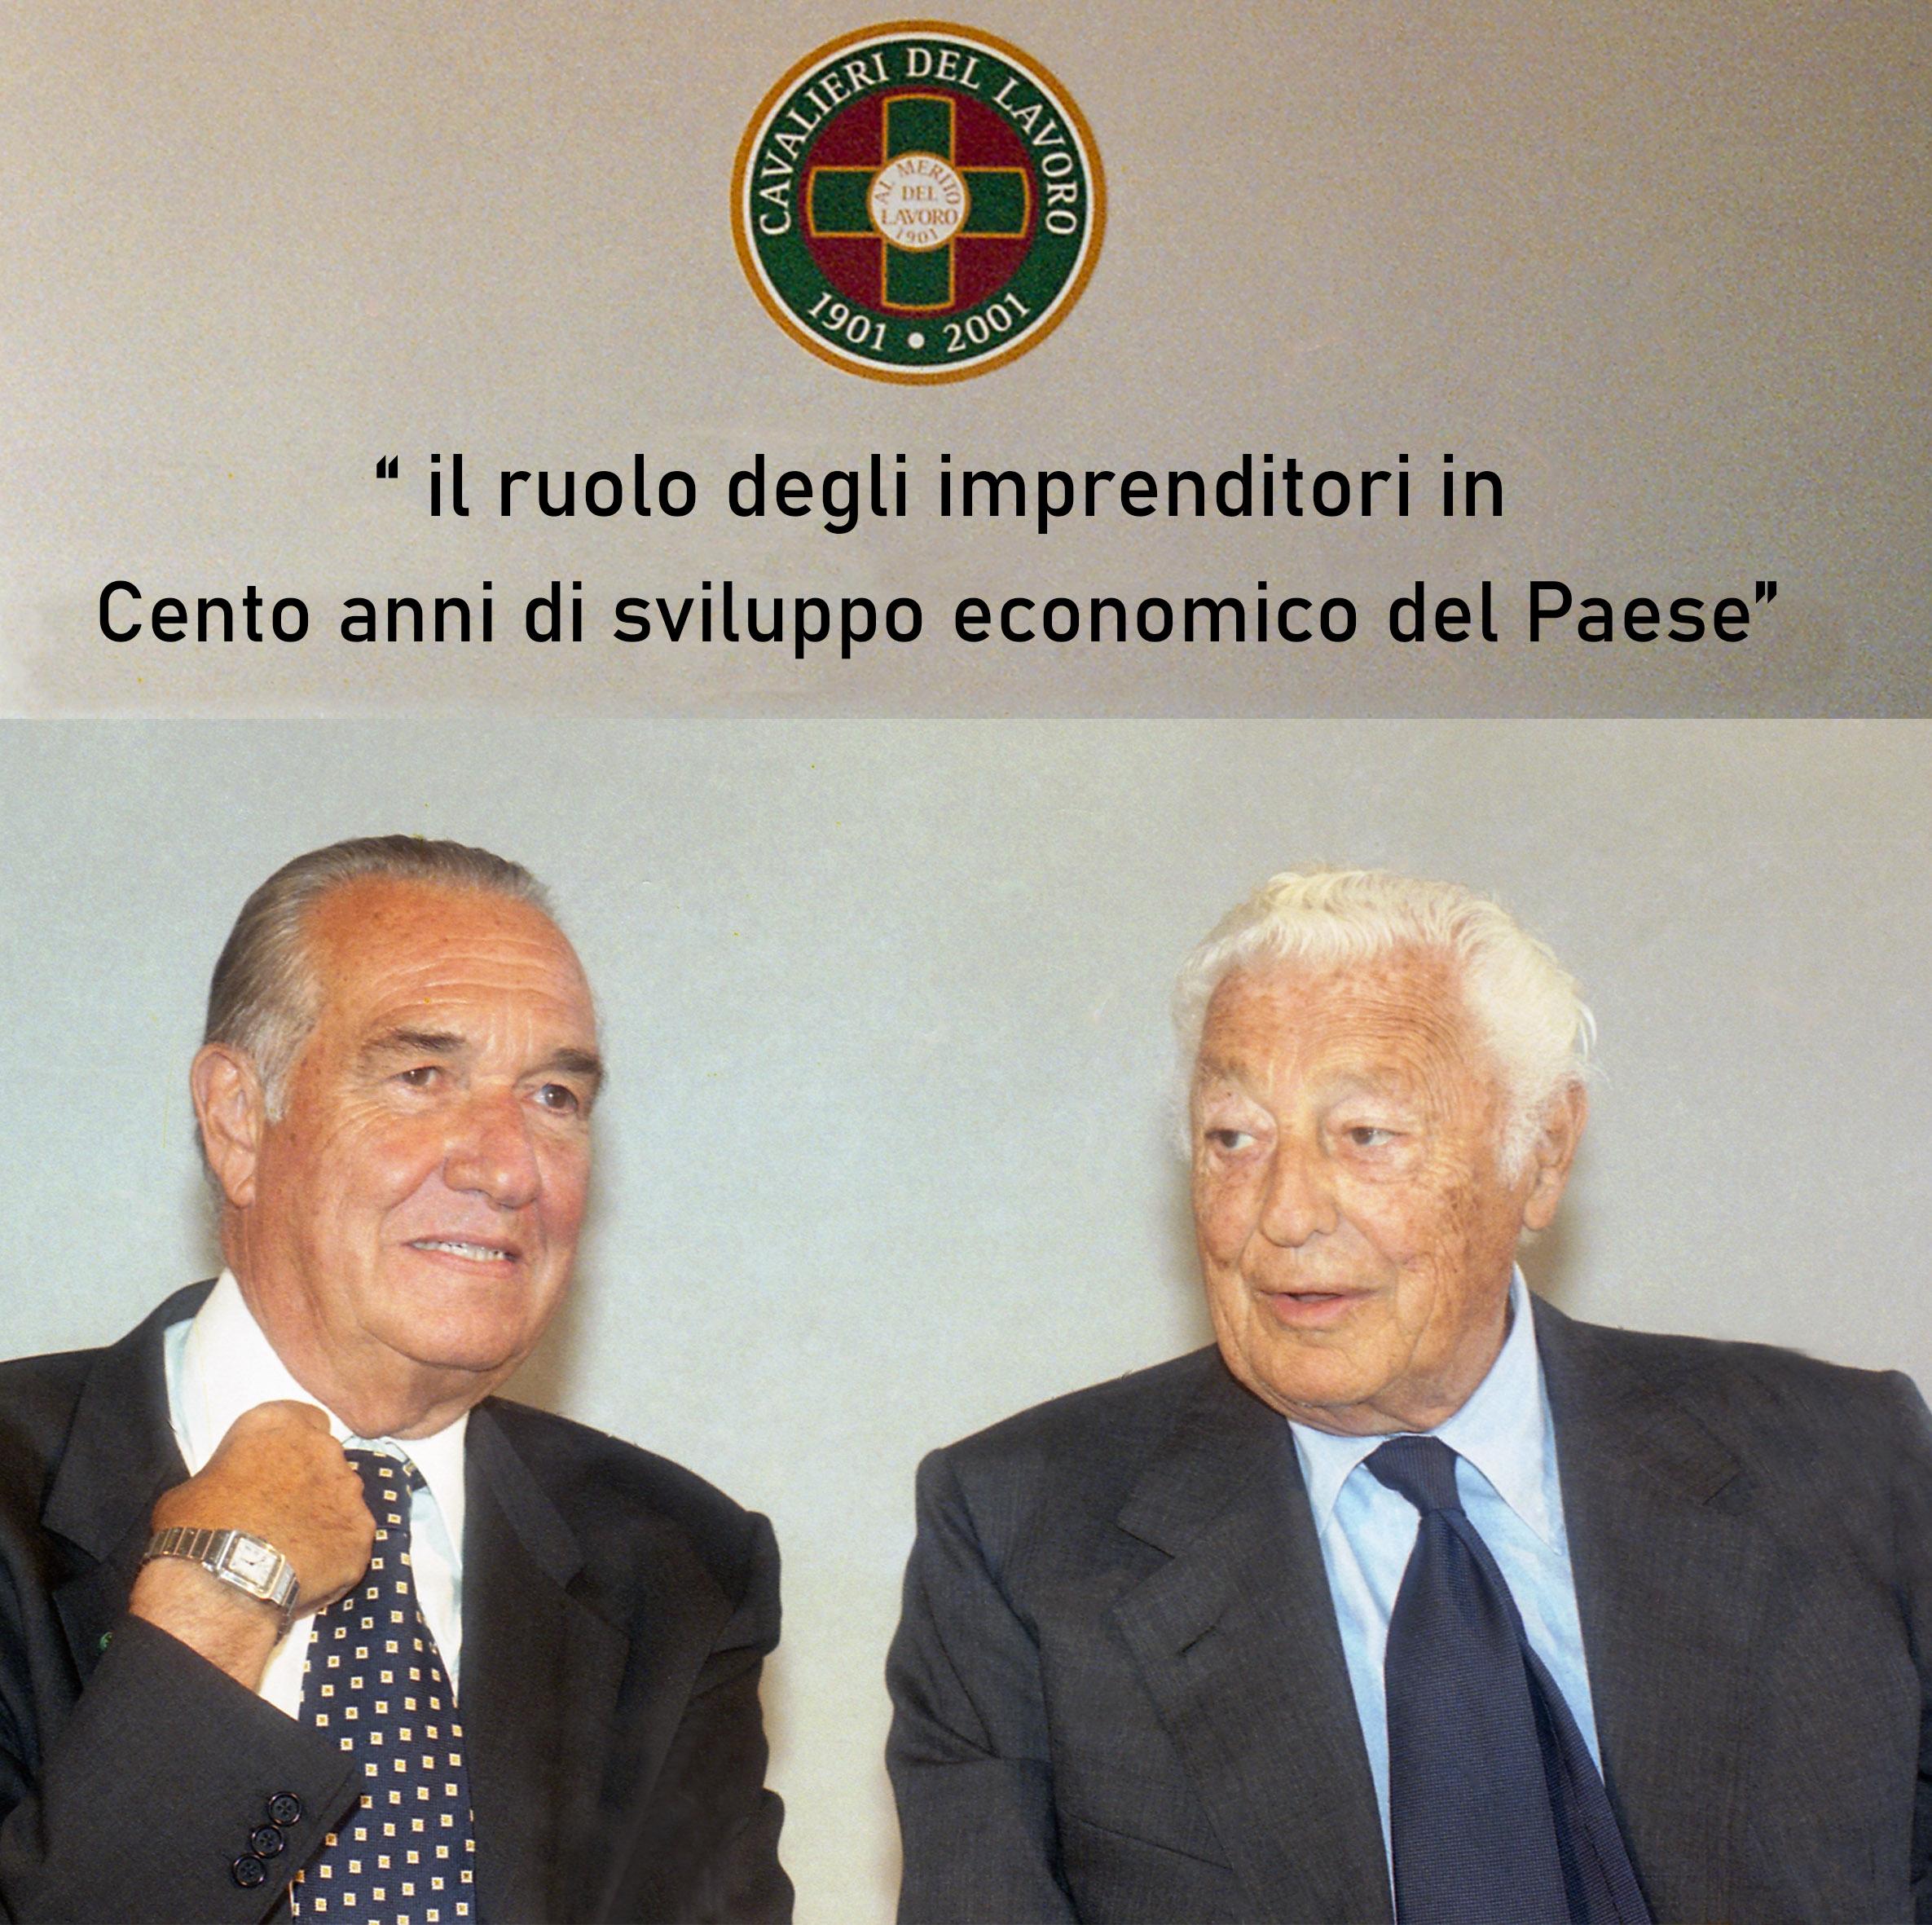 Gianni Agnelli e Alfredo Diana, presidente emerito Fncl, in occasione della celebrazione del centenario dell'Ordine